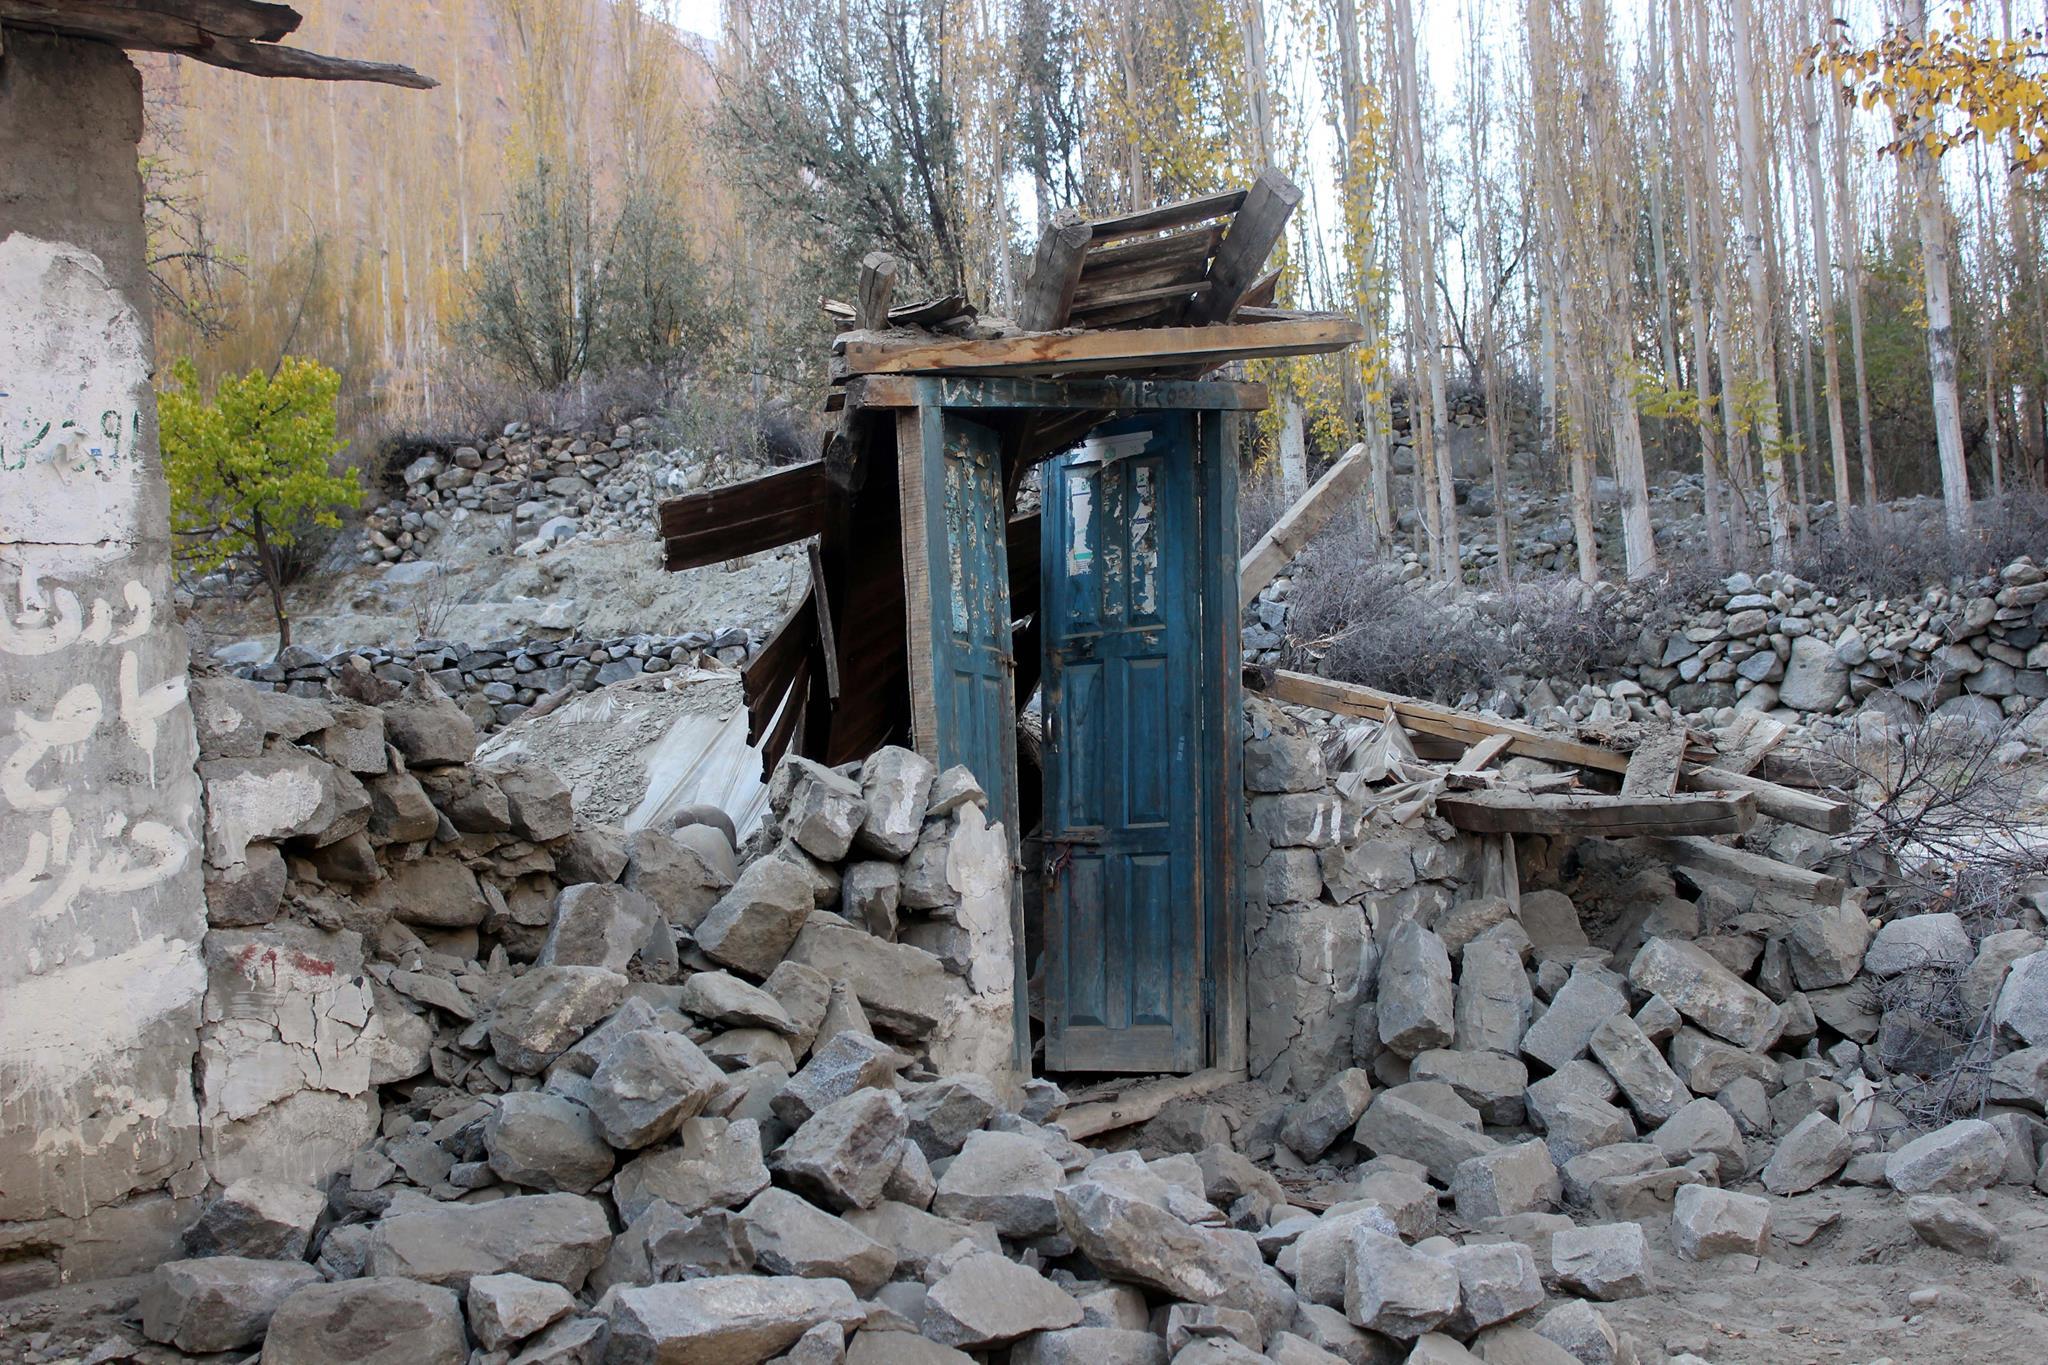 گلگت بلتستان میں 428 گھر مکمل تباہ ہو گئےہیں، جبکہ 2787 کو جزوی نقصان پہنچا ہے، گورنر برجیس طاہر